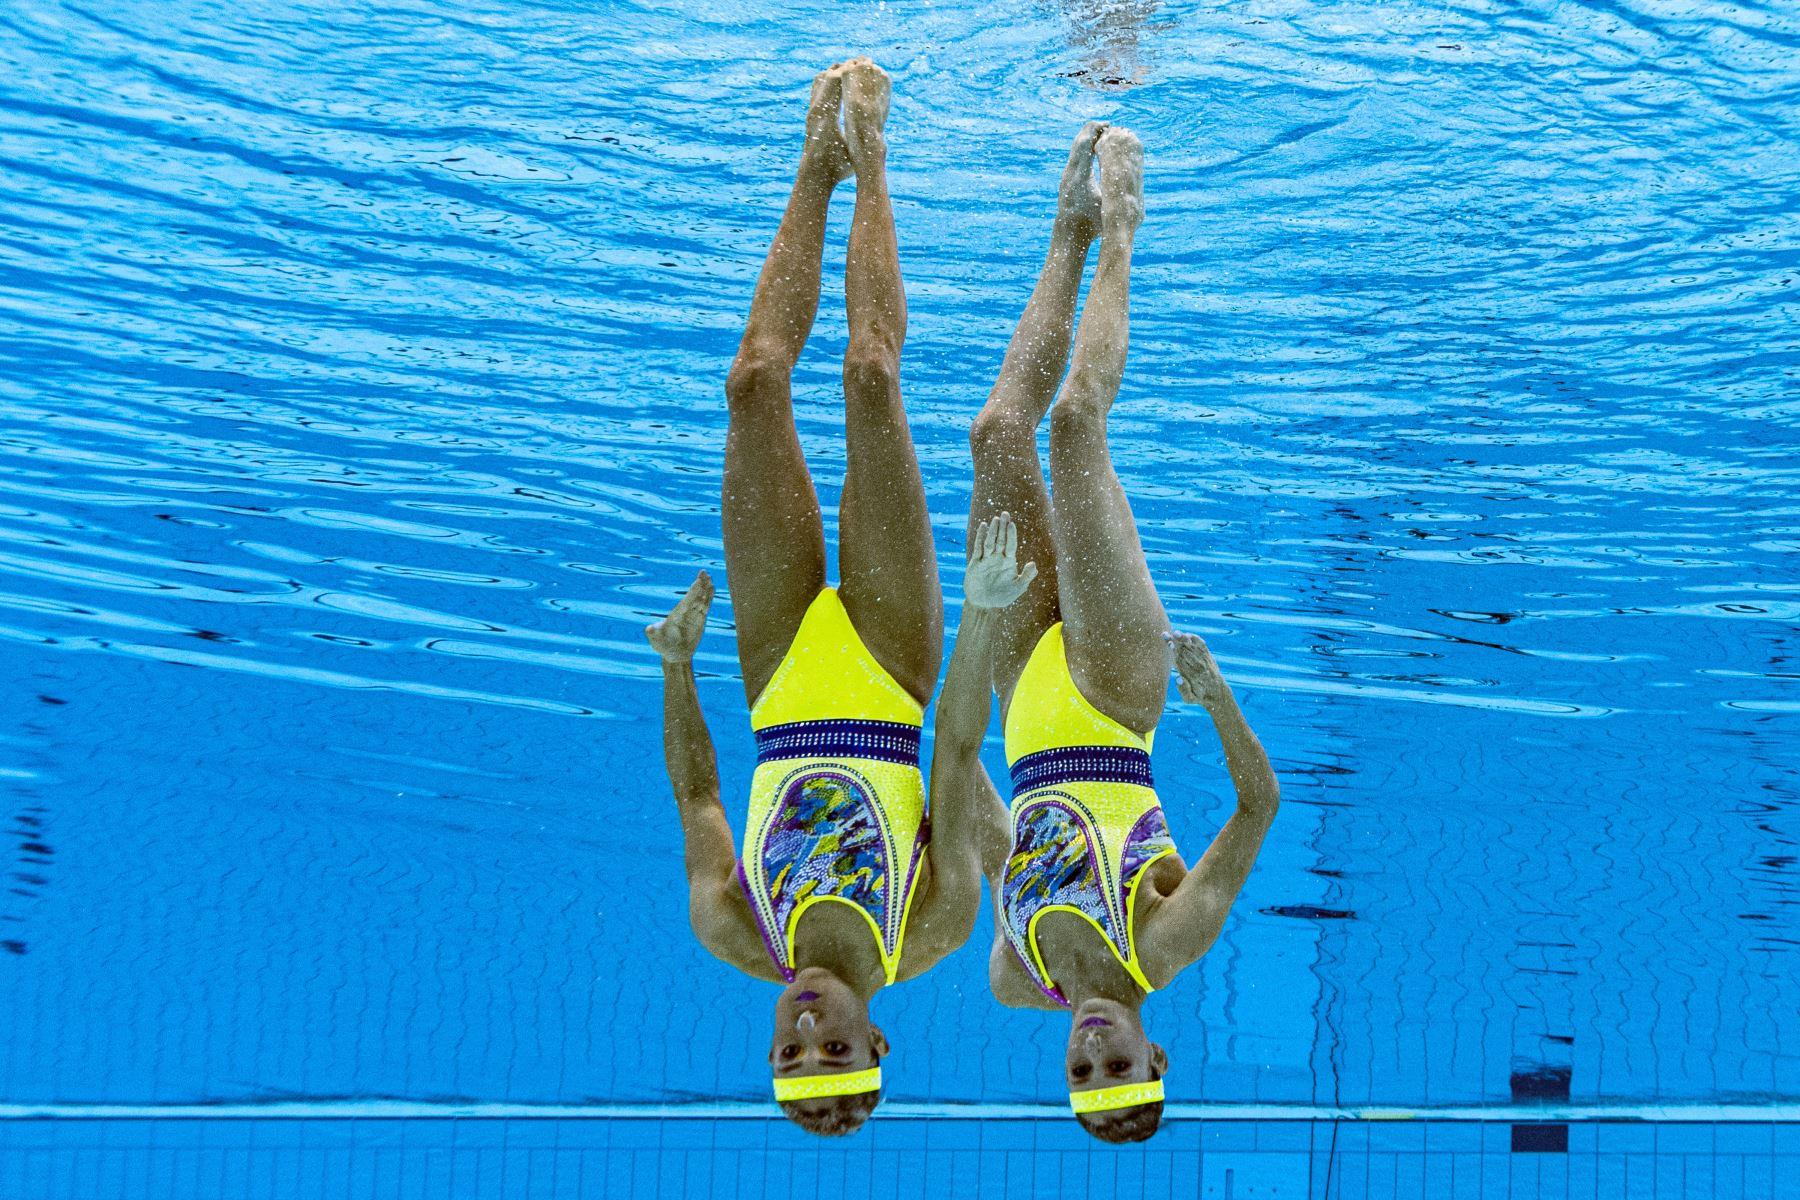 Una vista submarina muestra a la mexicana Nuria Diosdado García y la mexicana Joana Jiménez García mientras compiten en el evento de natación artística de rutina técnica de dúo femenino durante los Juegos Olímpicos de Tokio 2020.  Foto: AFP